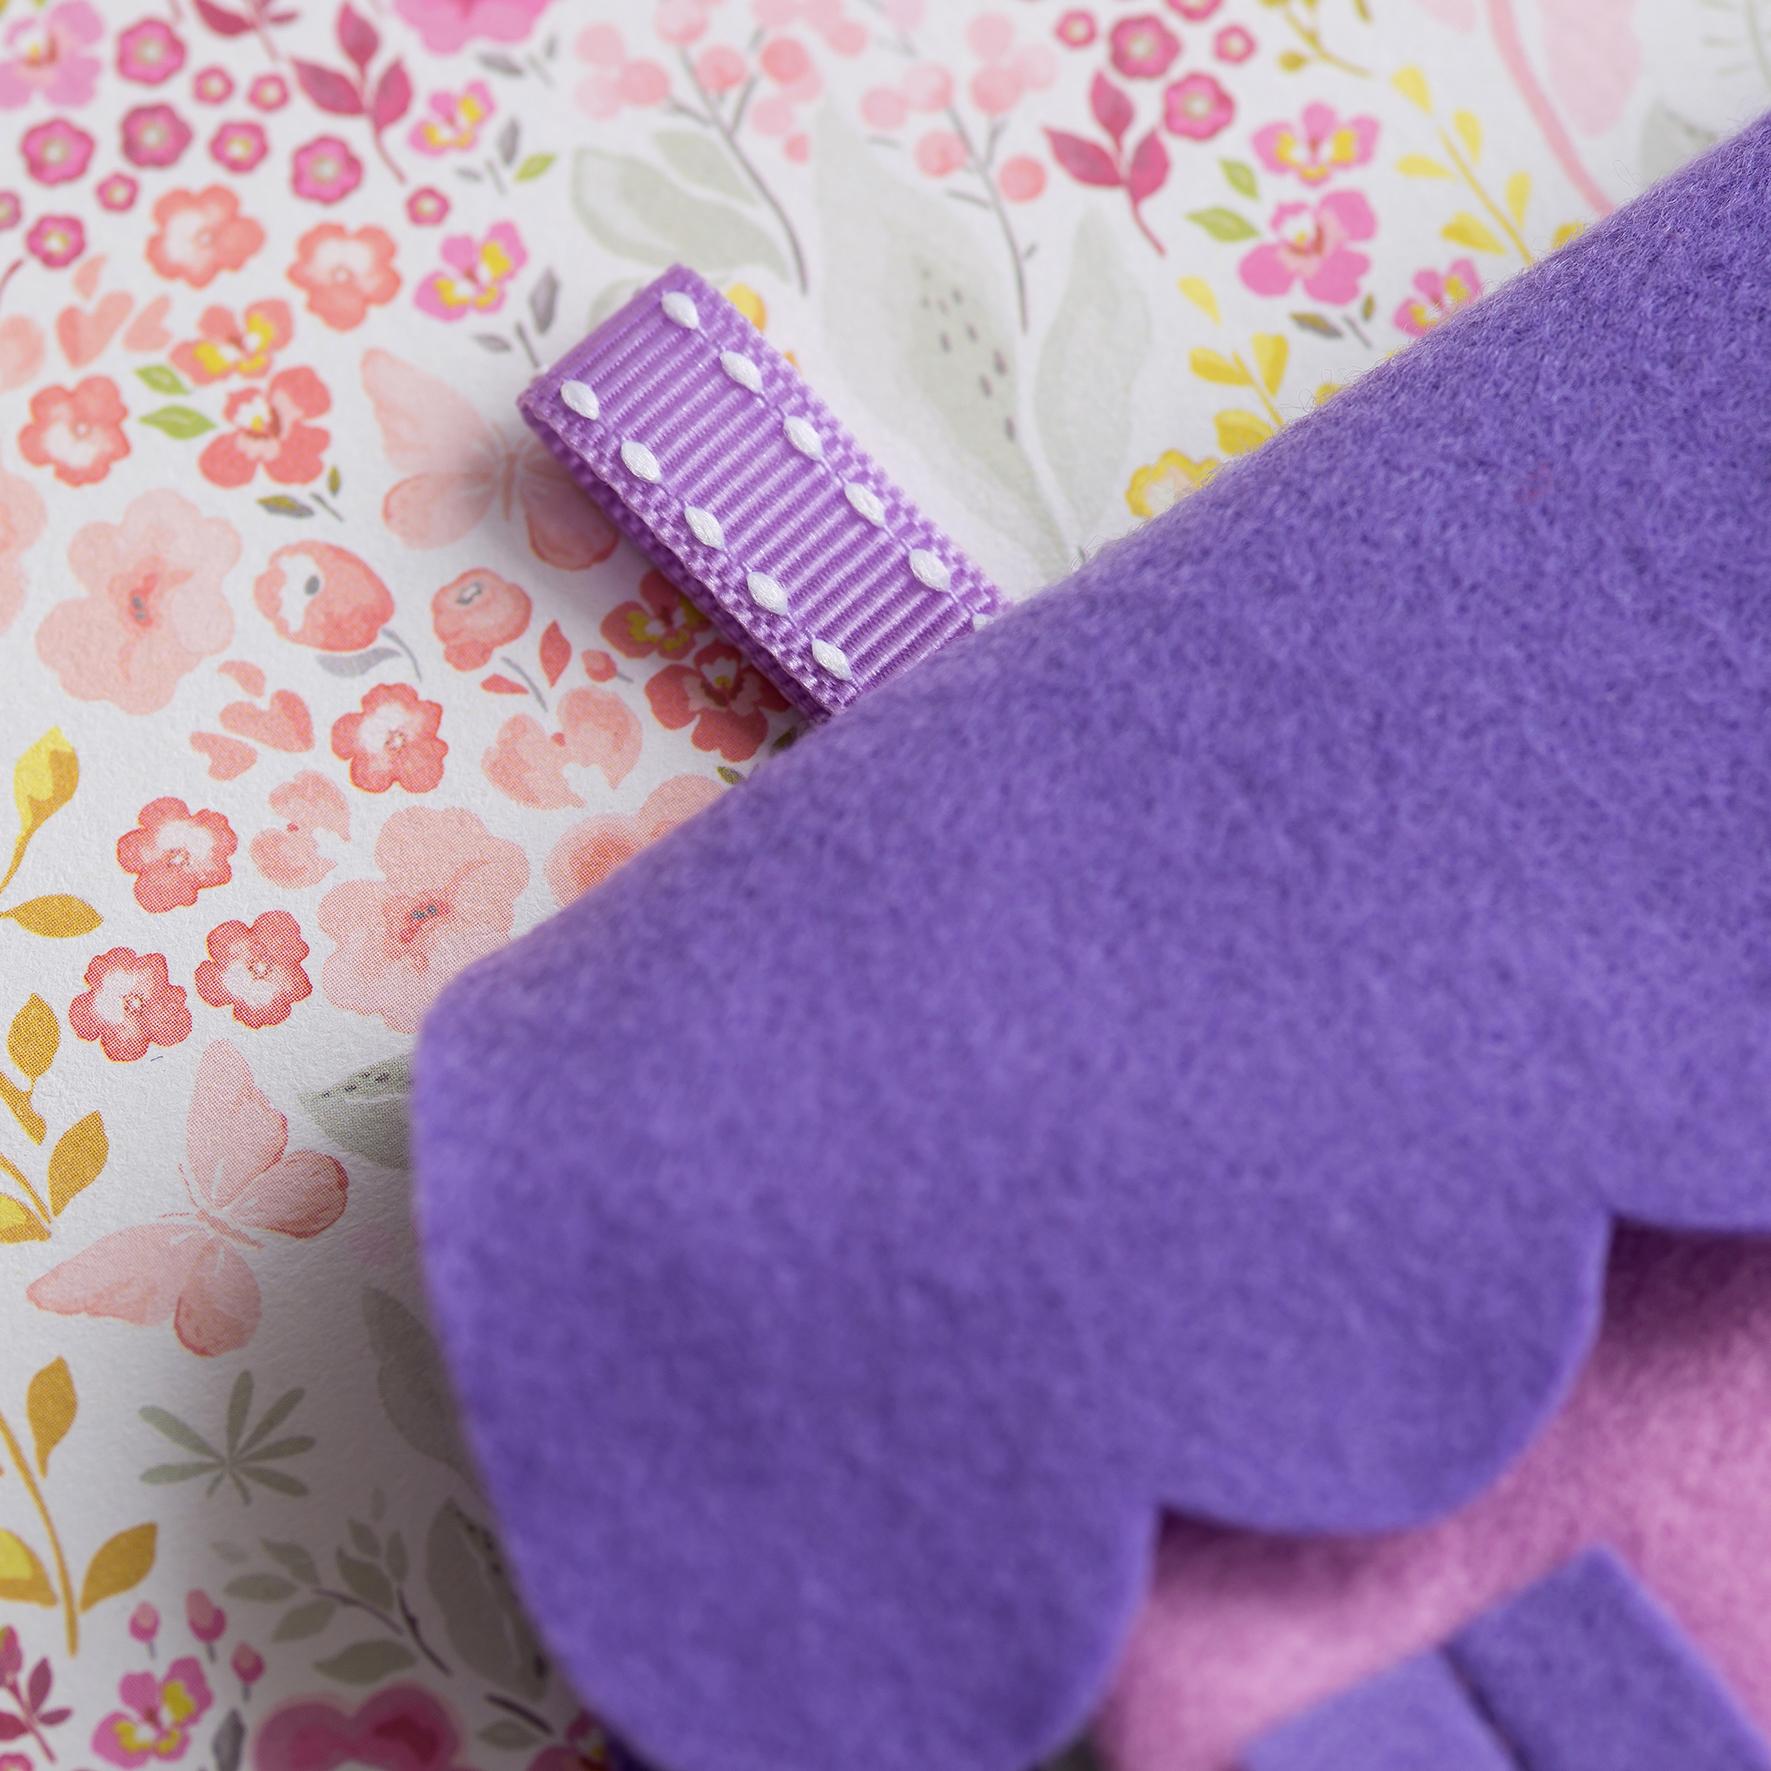 Wonderland Sewing Case